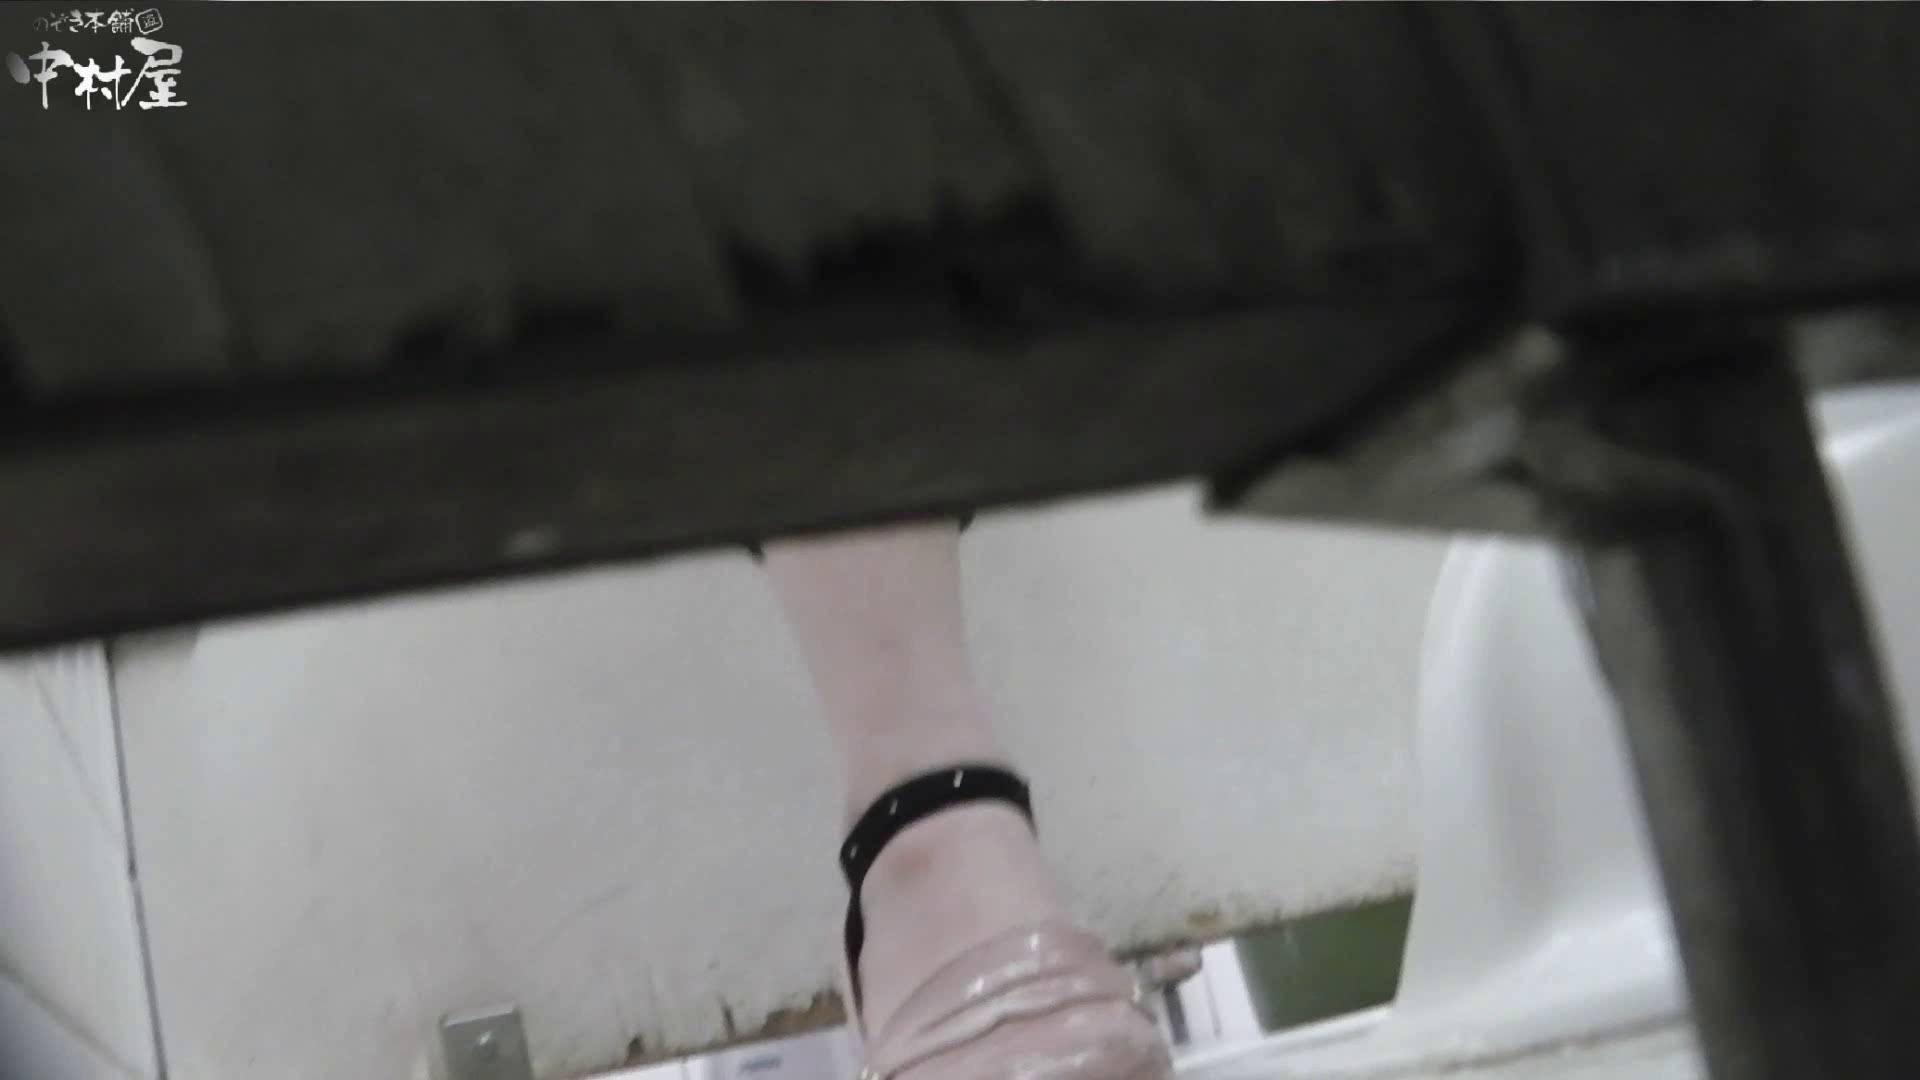 vol.08 命がけ潜伏洗面所! わかめ酒タラタラ プライベート オメコ無修正動画無料 47連発 43